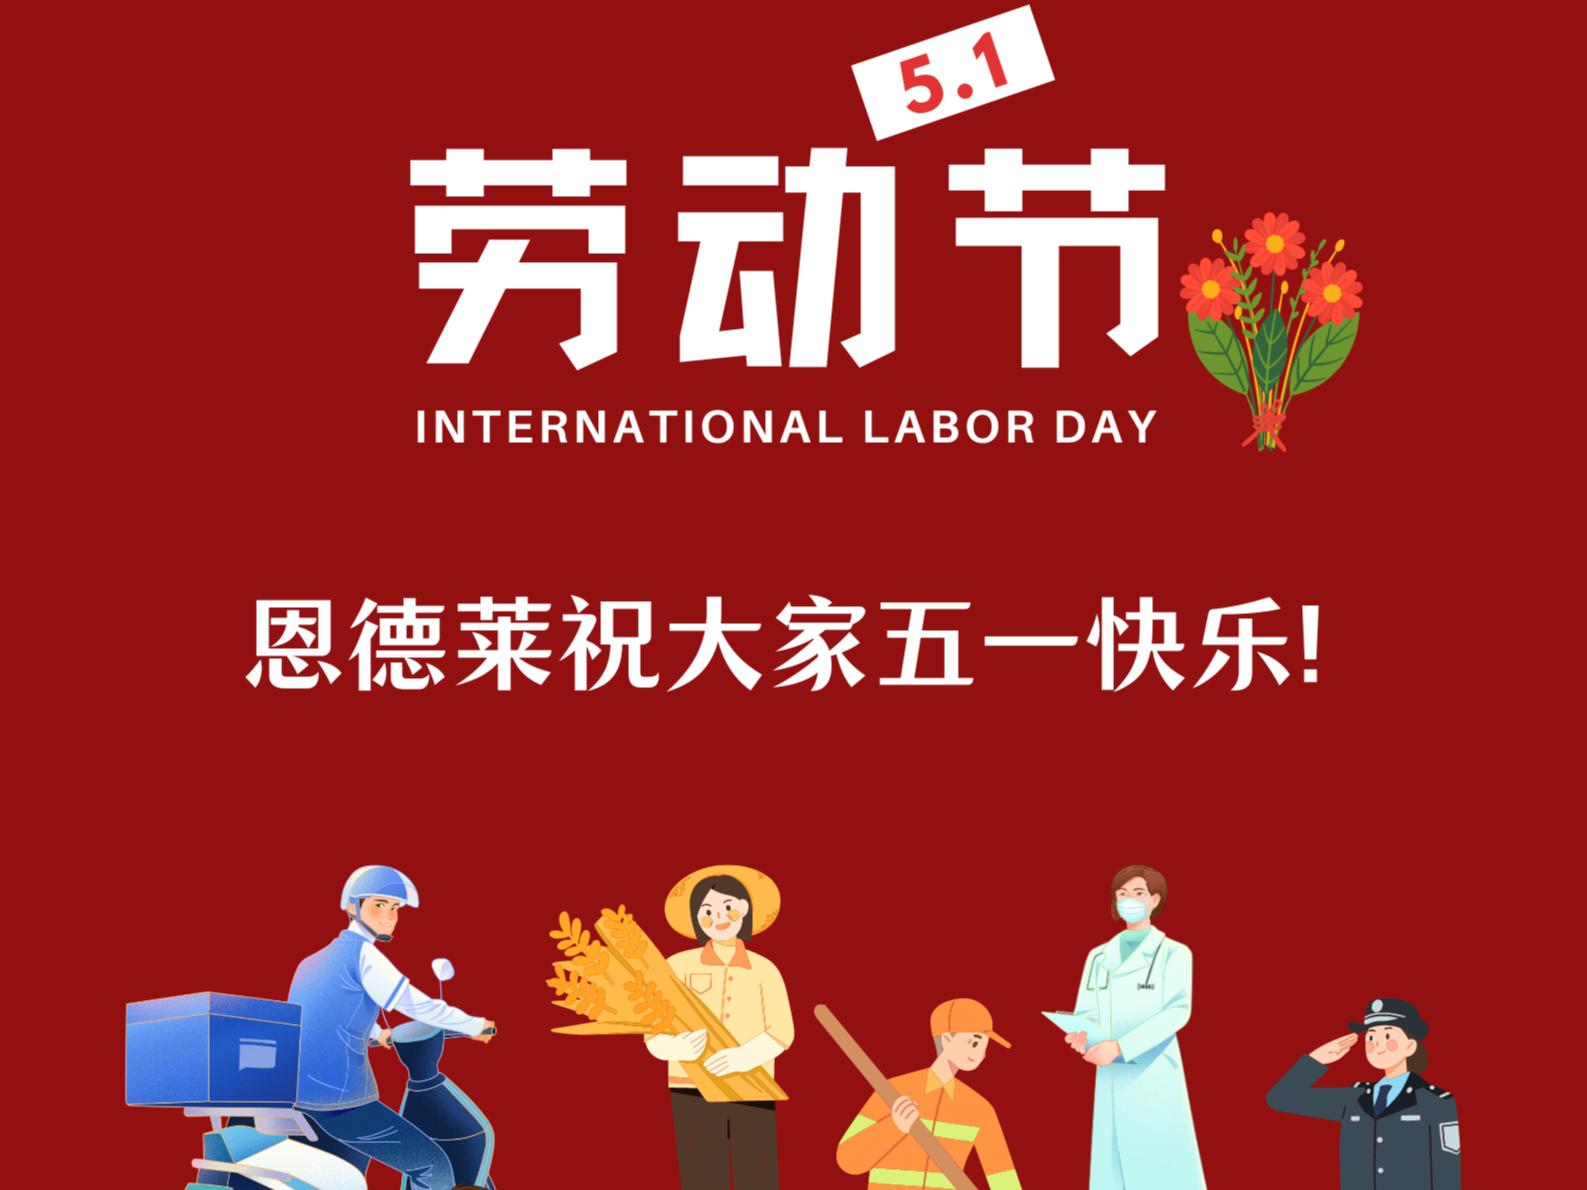 五一国际劳动节,恩德莱向每一位劳动者致敬!